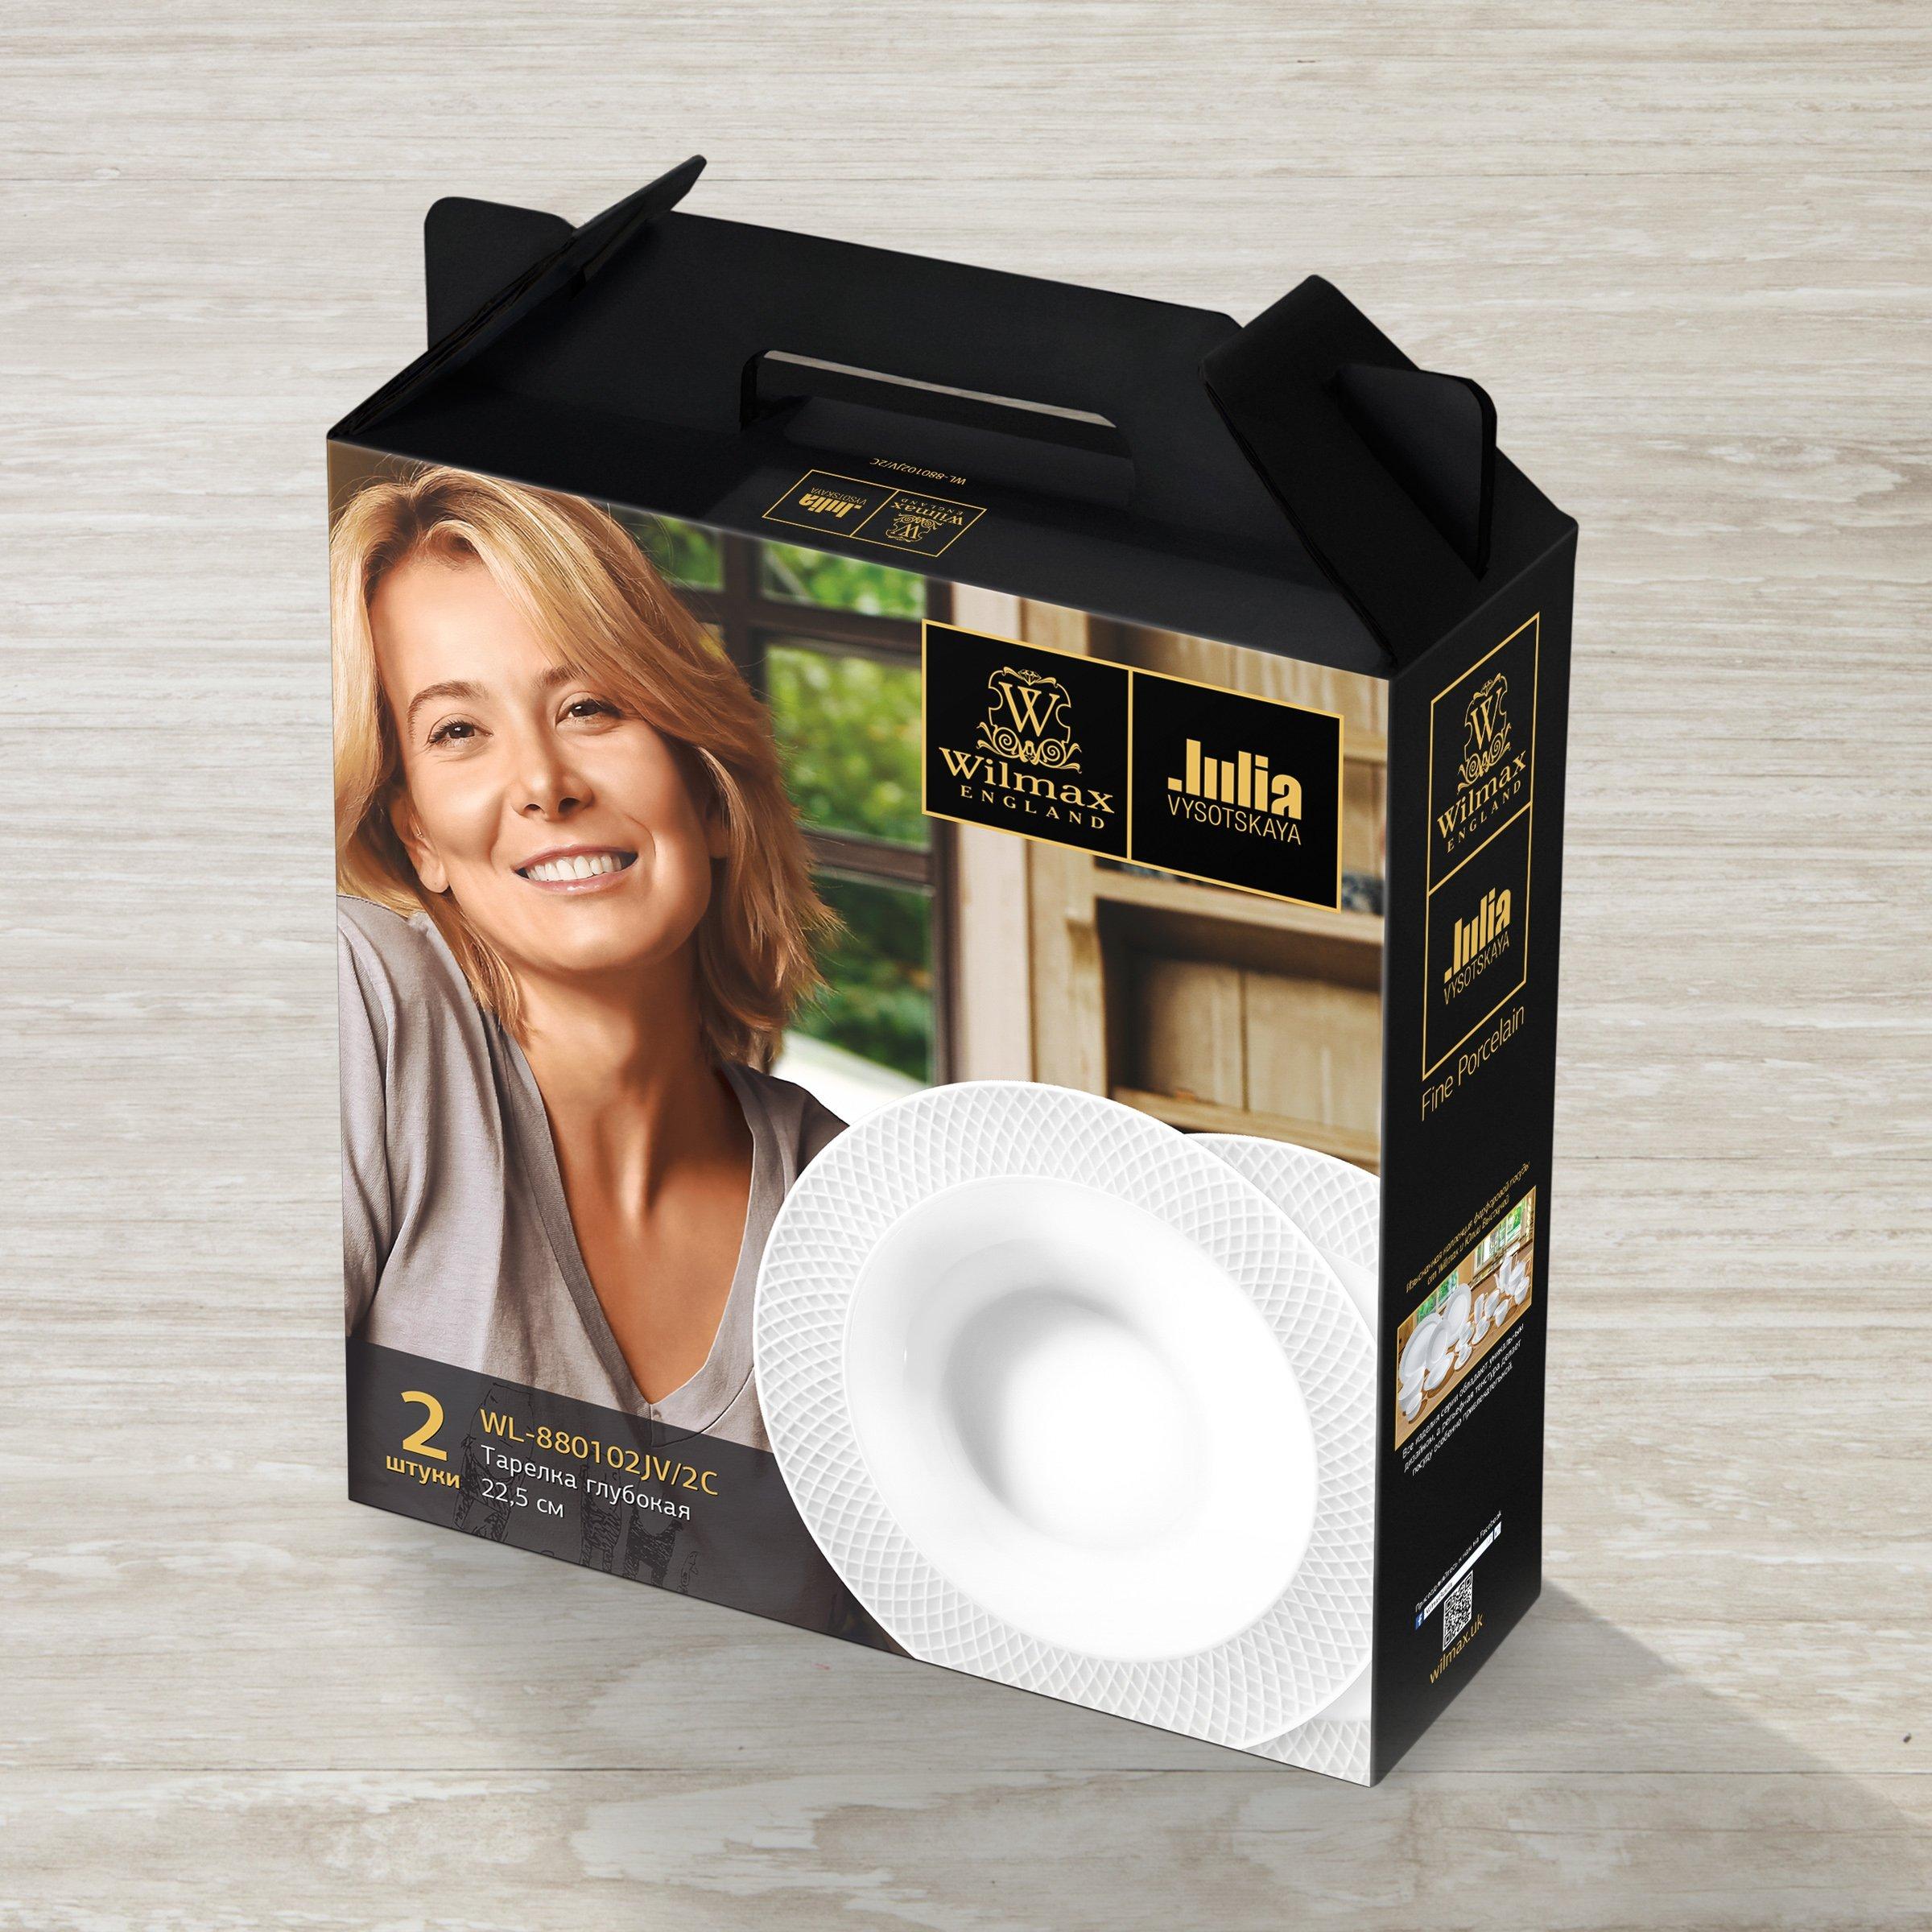 Набор: Тарелка глубокая, 22,5 см 2 штуки Wilmax от Юлии Высоцкой в подарочной упаковке